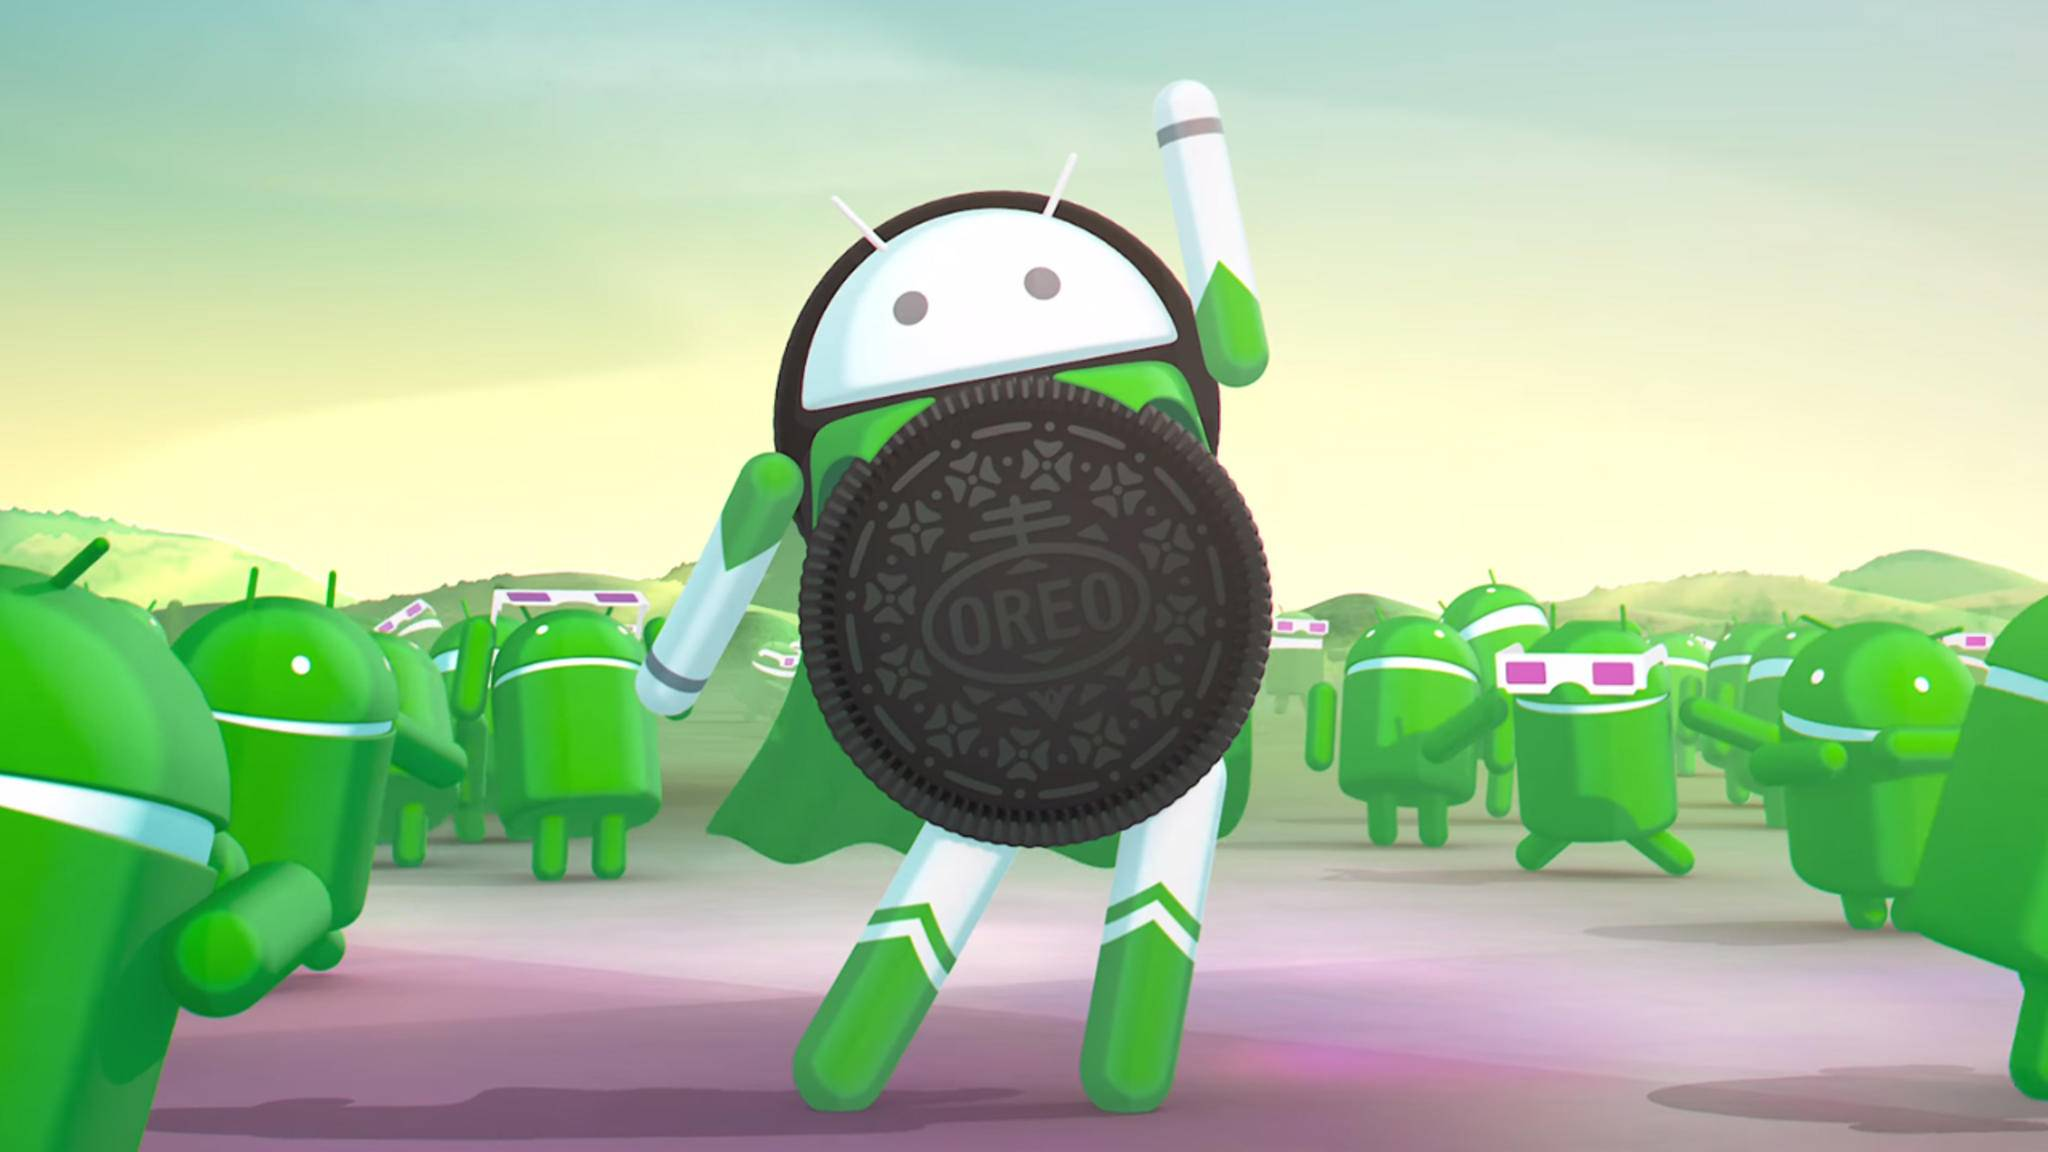 Samsung bringt bald das erste Smartphone mit Android Oreo (Go Edition) auf den Markt.